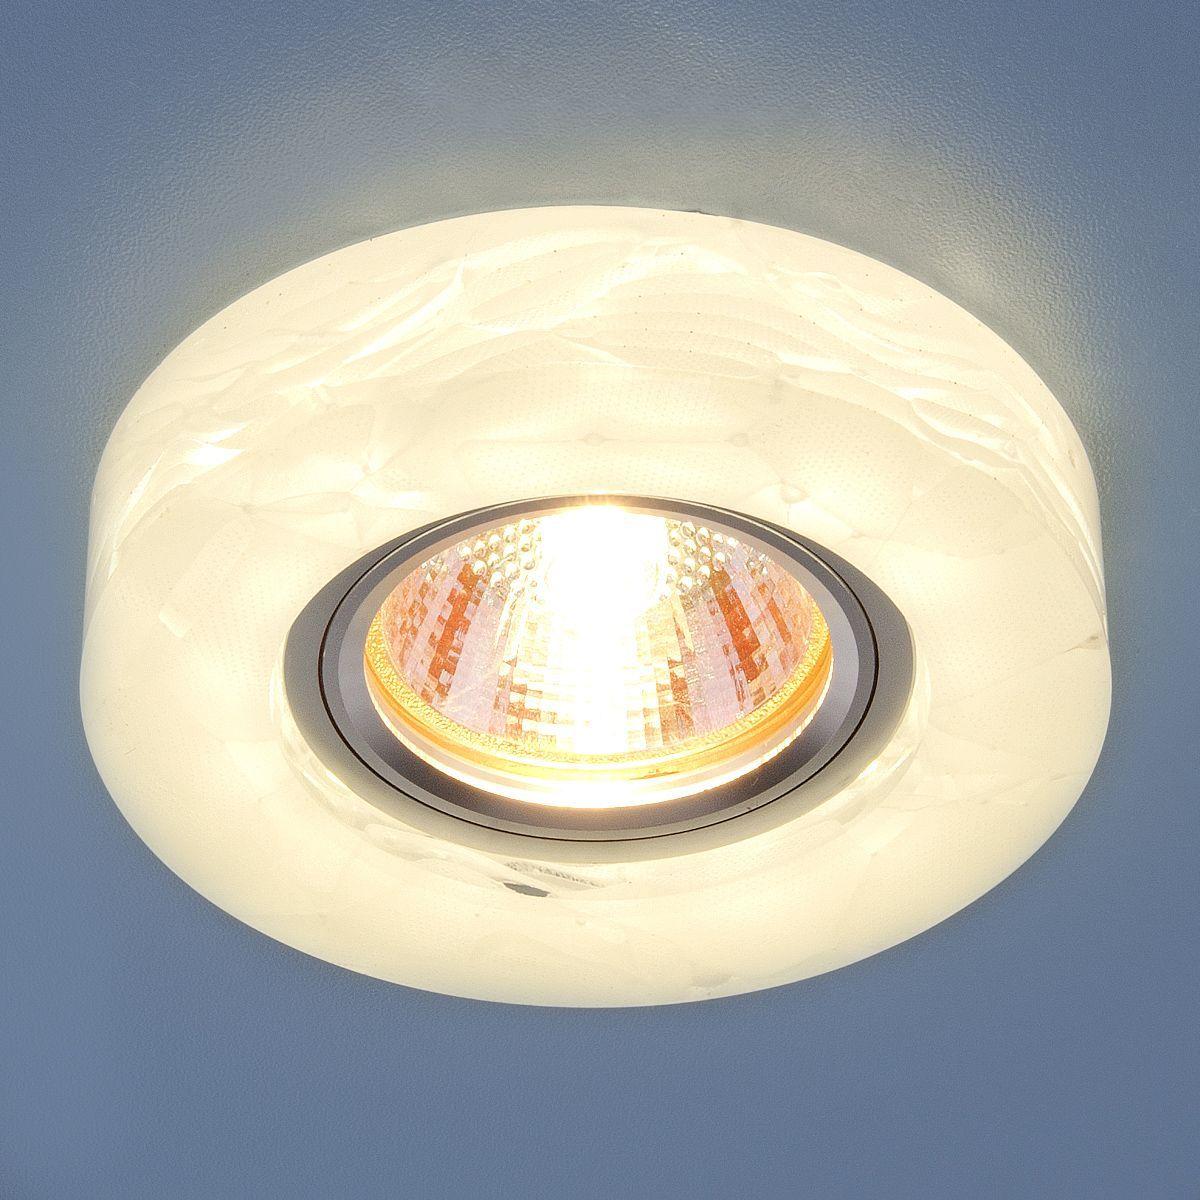 Точечный светильник с LED подсветкой 6062 MR16 WH белый